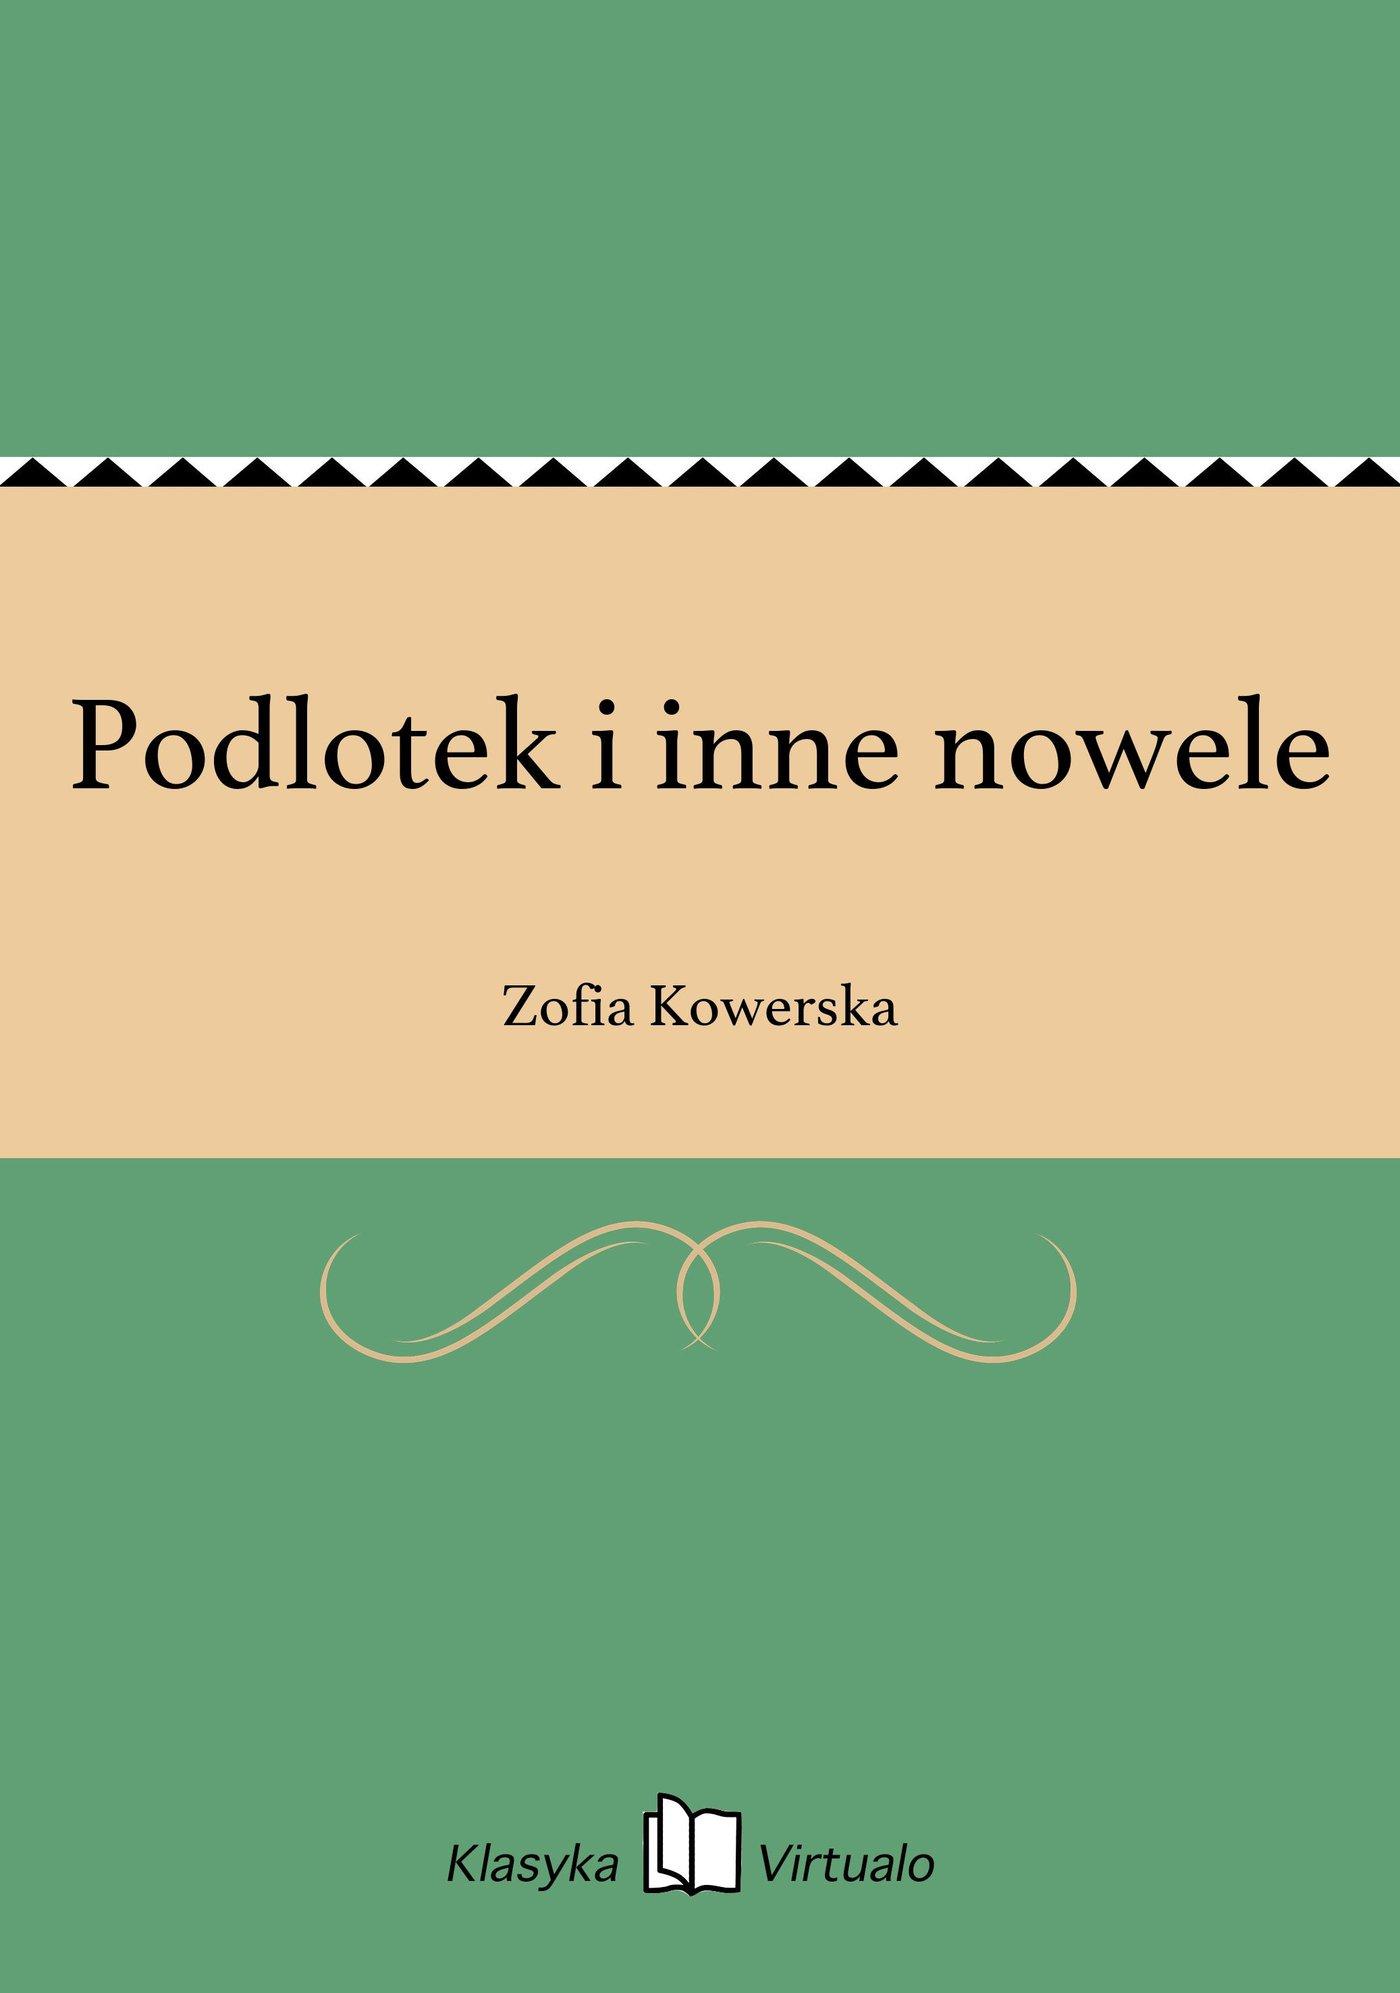 Podlotek i inne nowele - Ebook (Książka EPUB) do pobrania w formacie EPUB